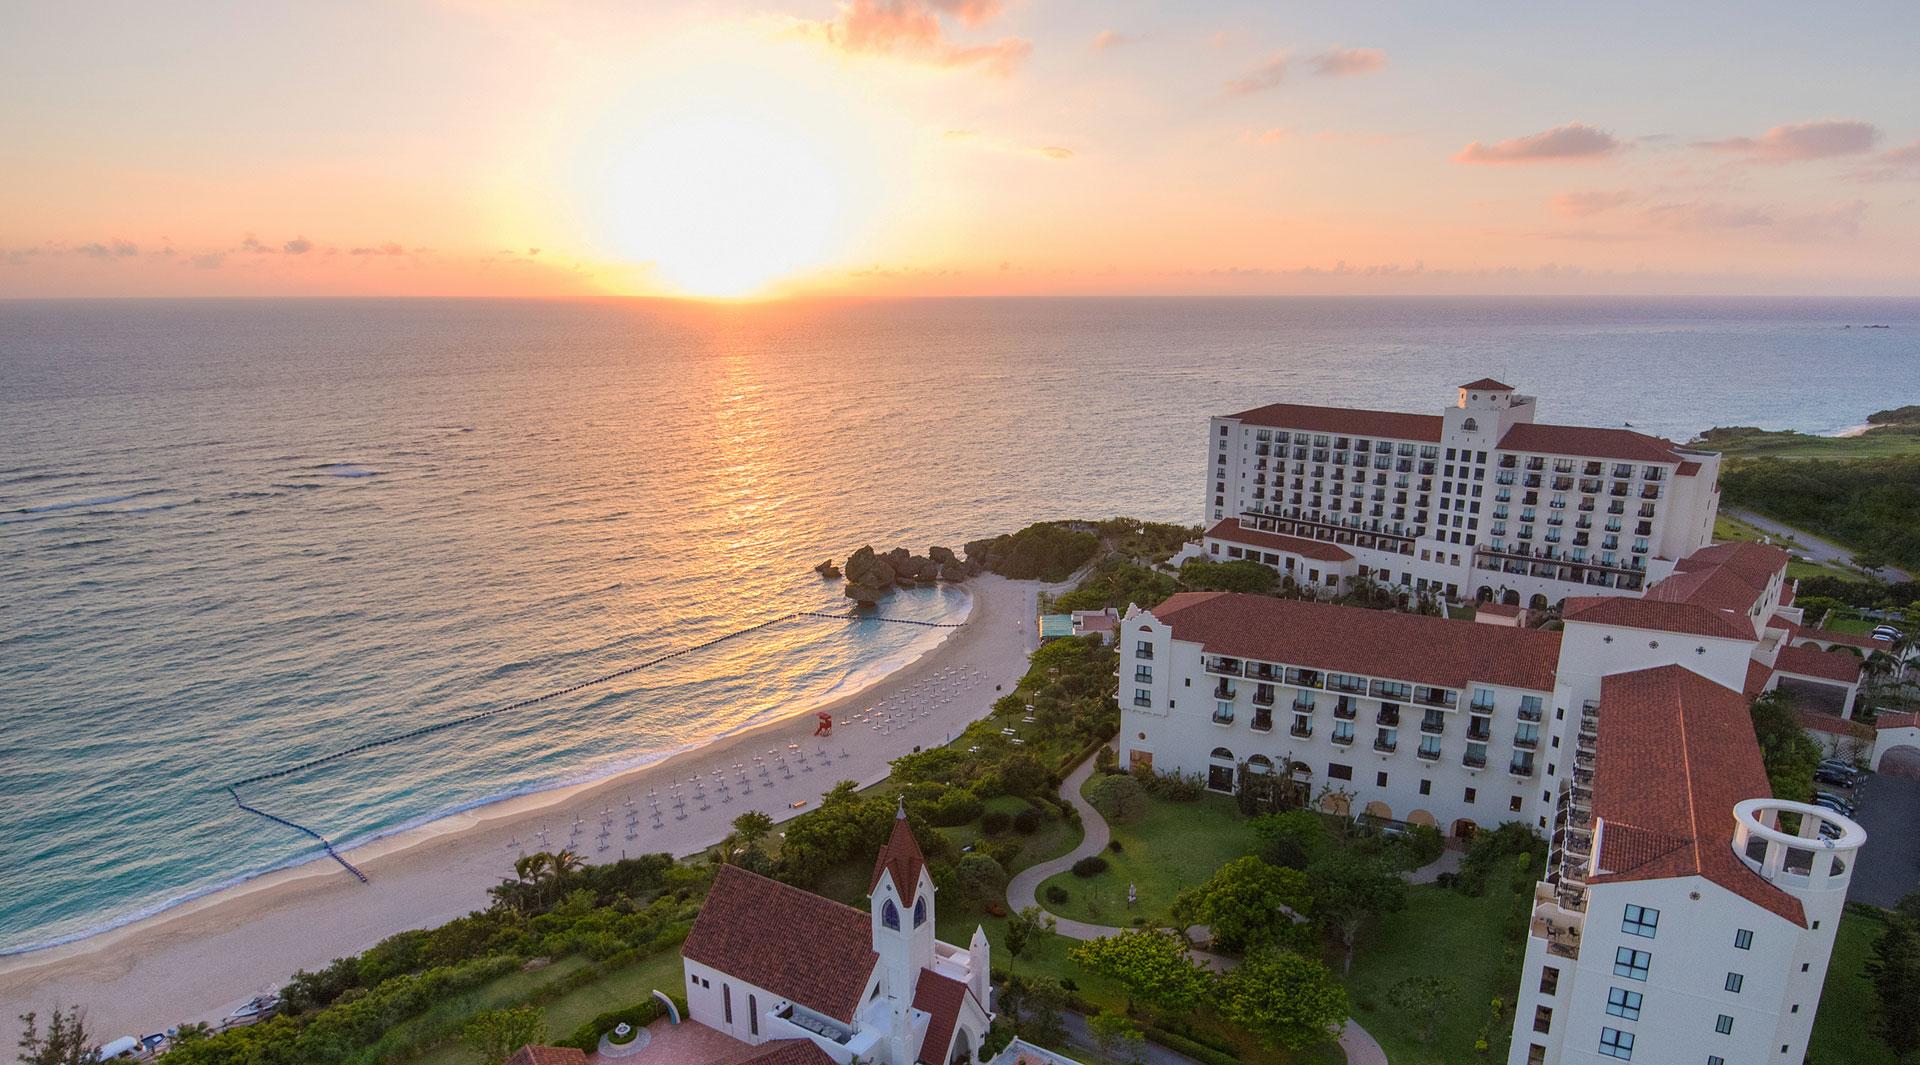 南の島で素敵な休日を満喫しよう!沖縄の高級ホテルおすすめランキング